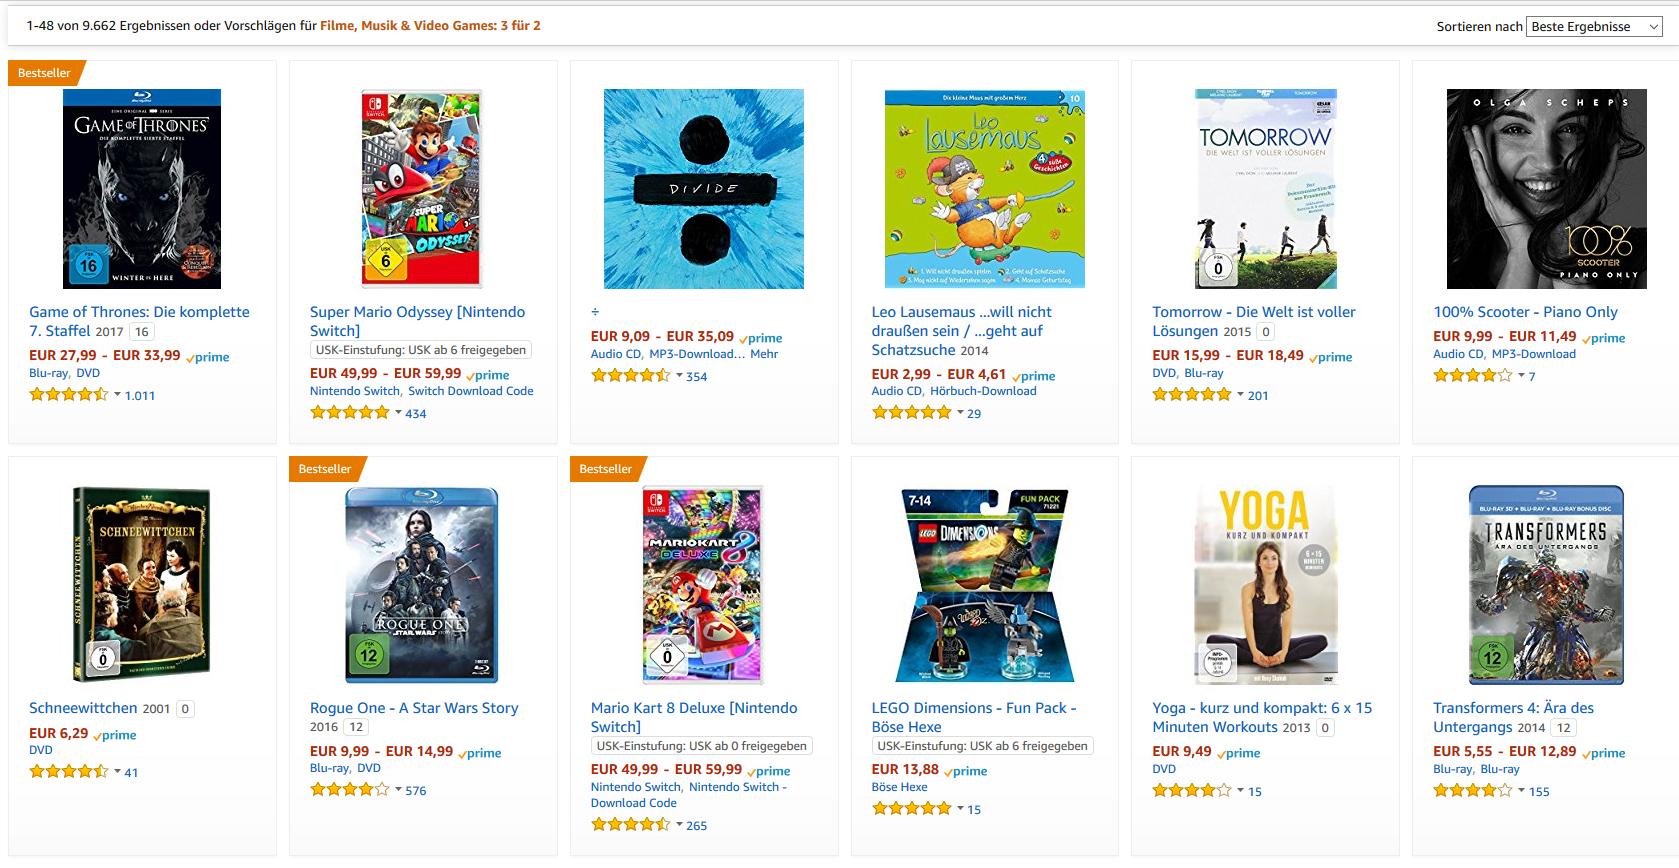 [Amazon]  3 für 2: Film, Musik & Video Games (Saturn Konter, günstiger für Spiele (insbesondere Switch))